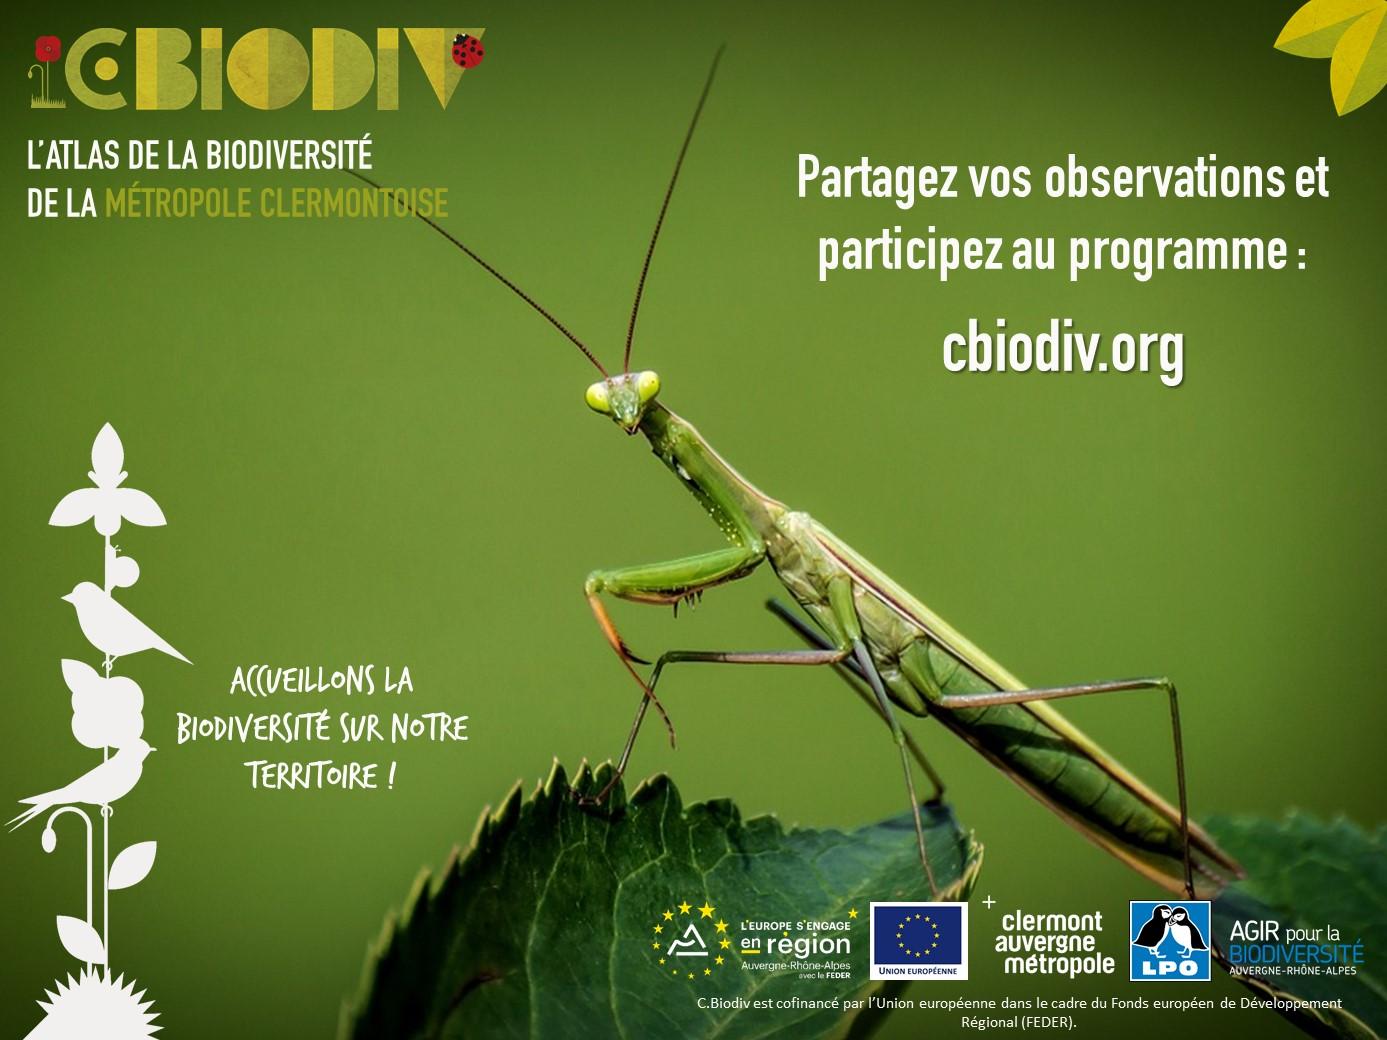 C.Biodiv: c'est parti!